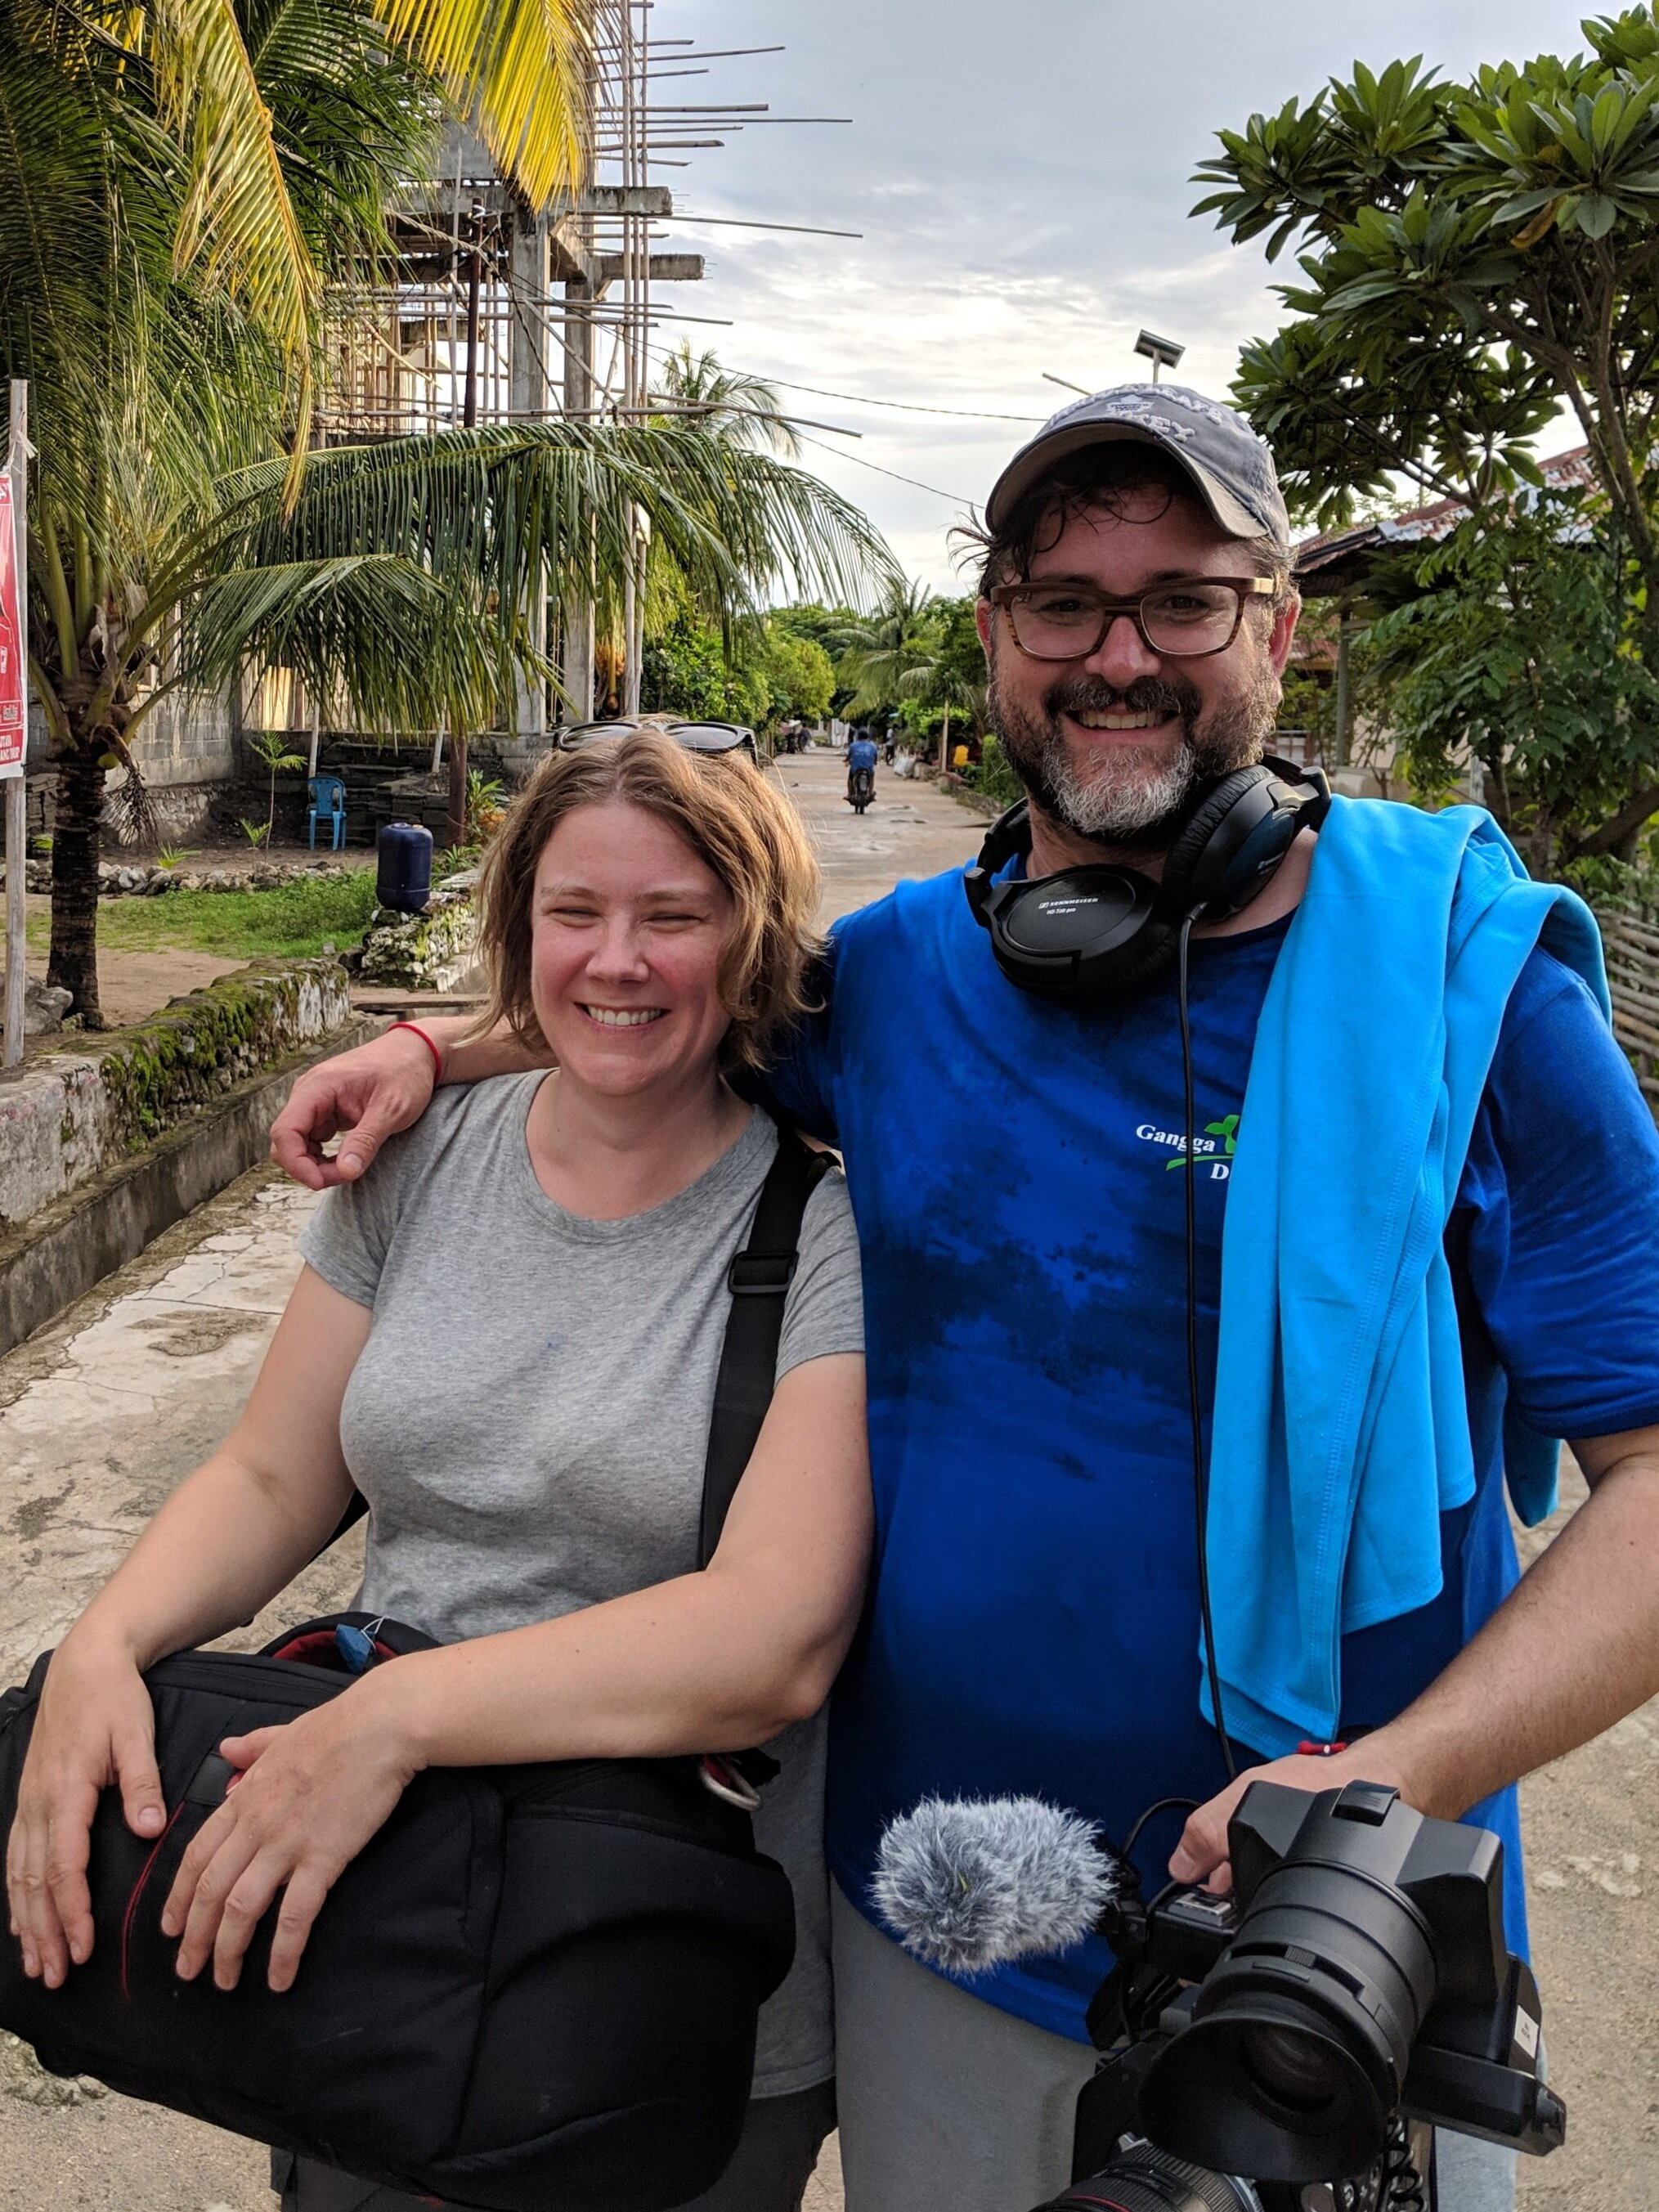 Erin Tee with Iain Robinson in Sulawesi, Indonesia